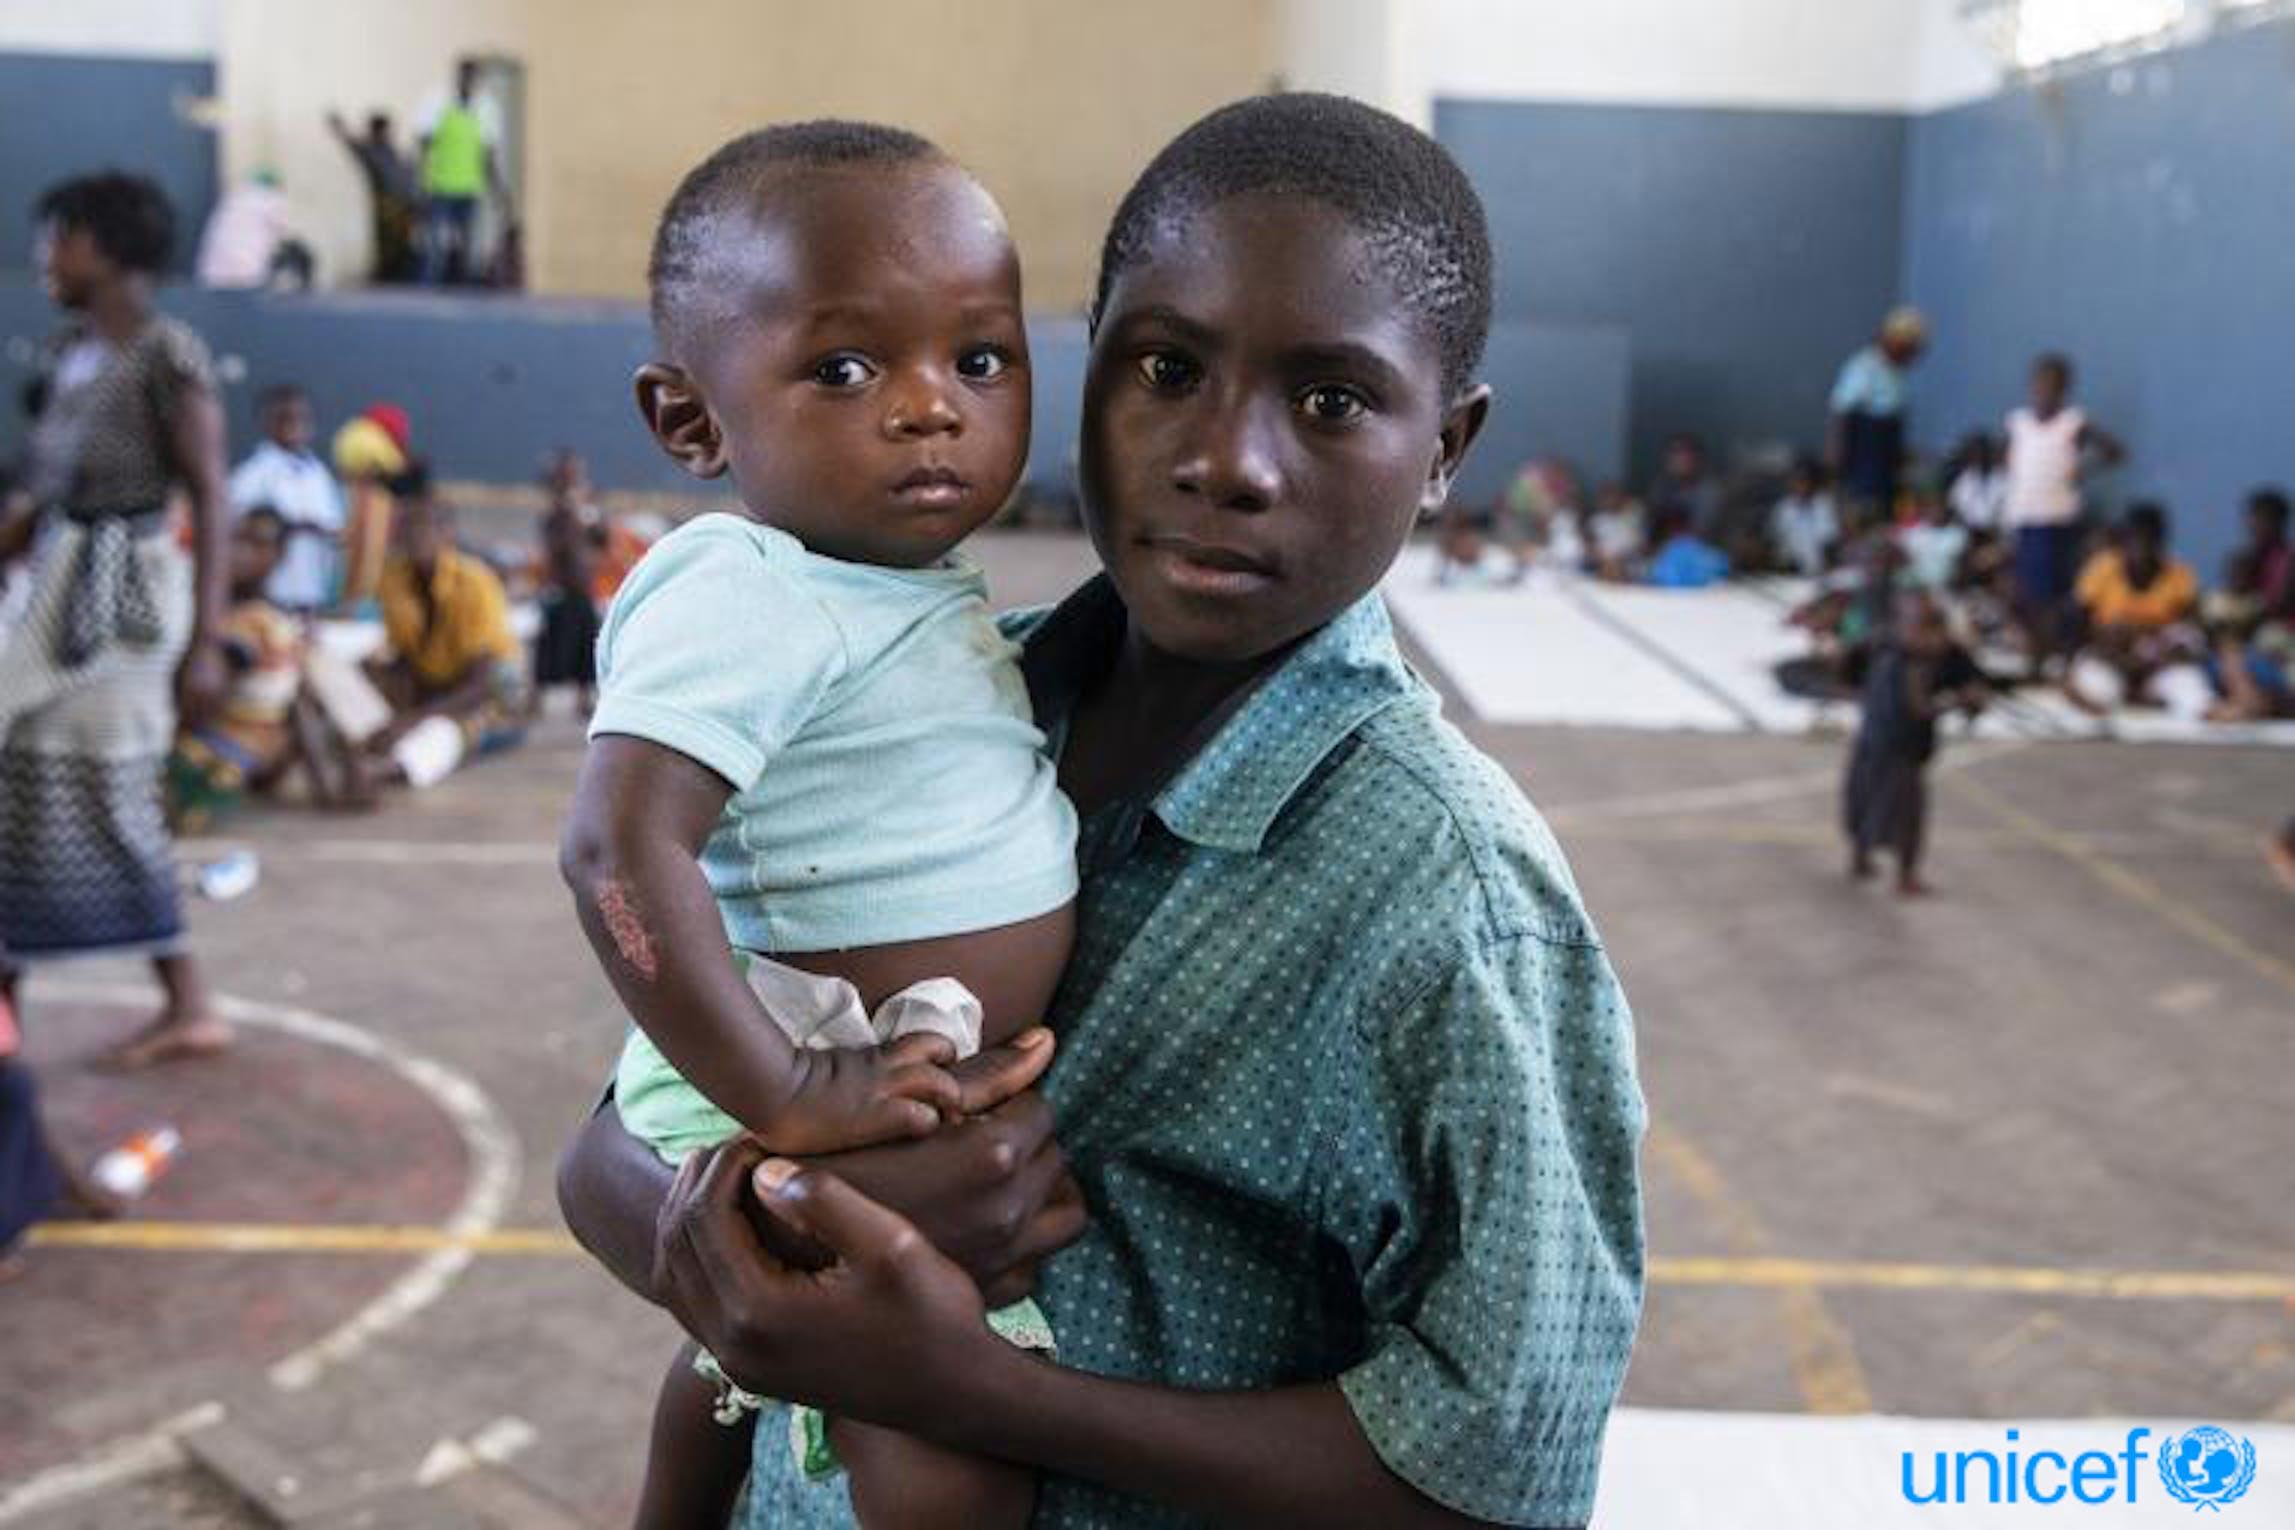 © UNICEF/UN0291173/de Wet AFP-Services